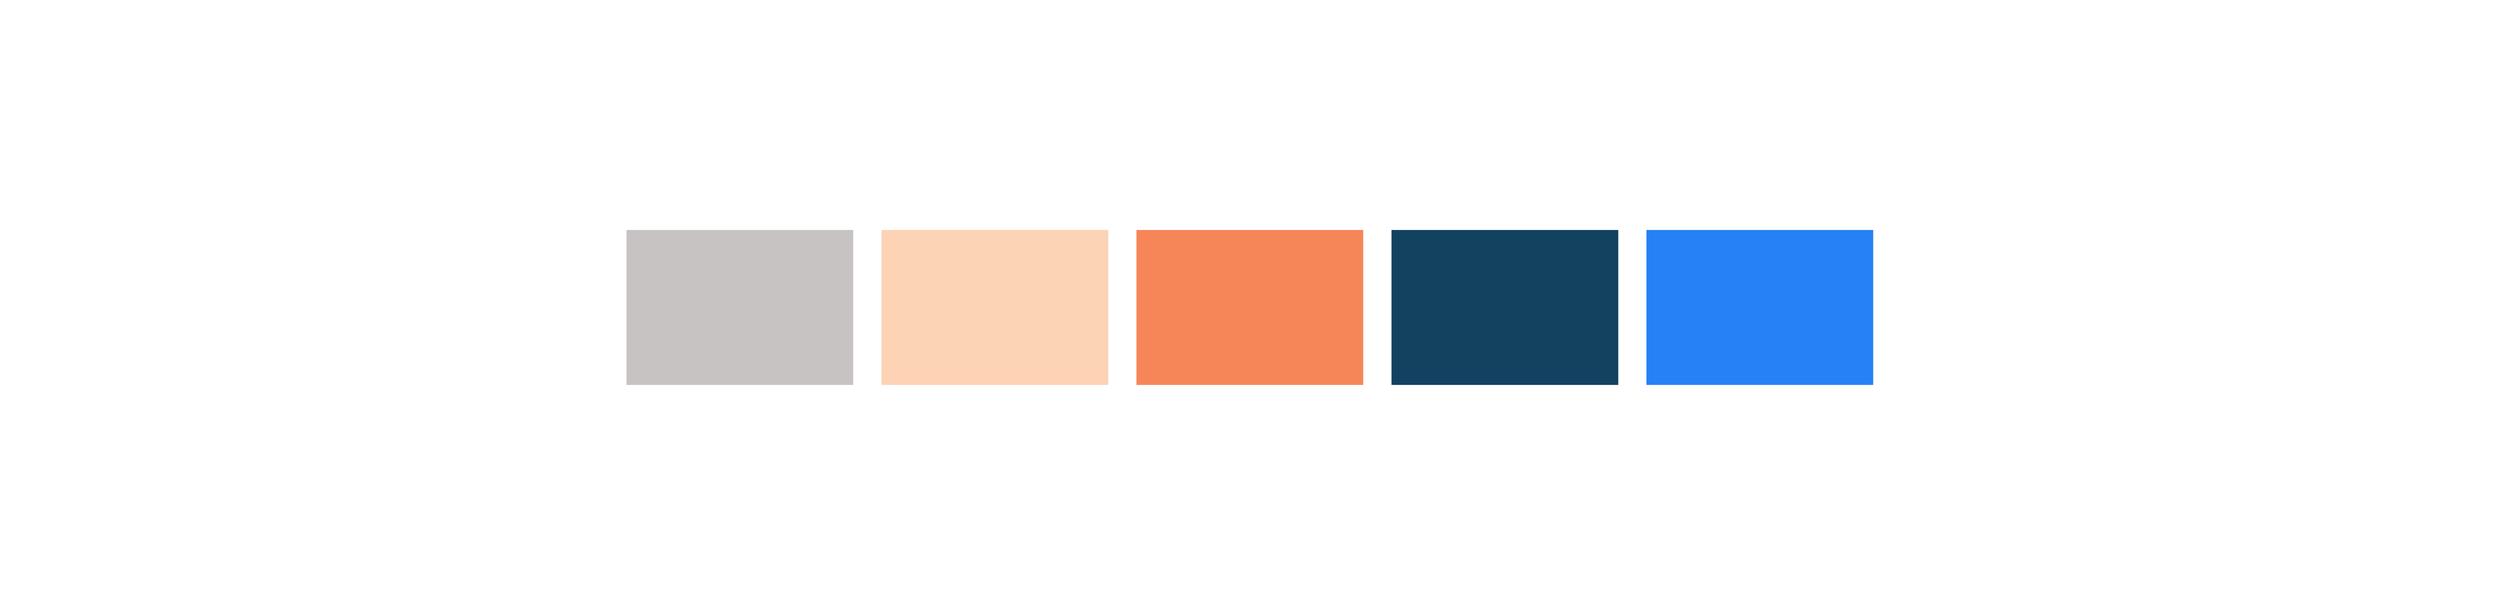 Colour-03.png